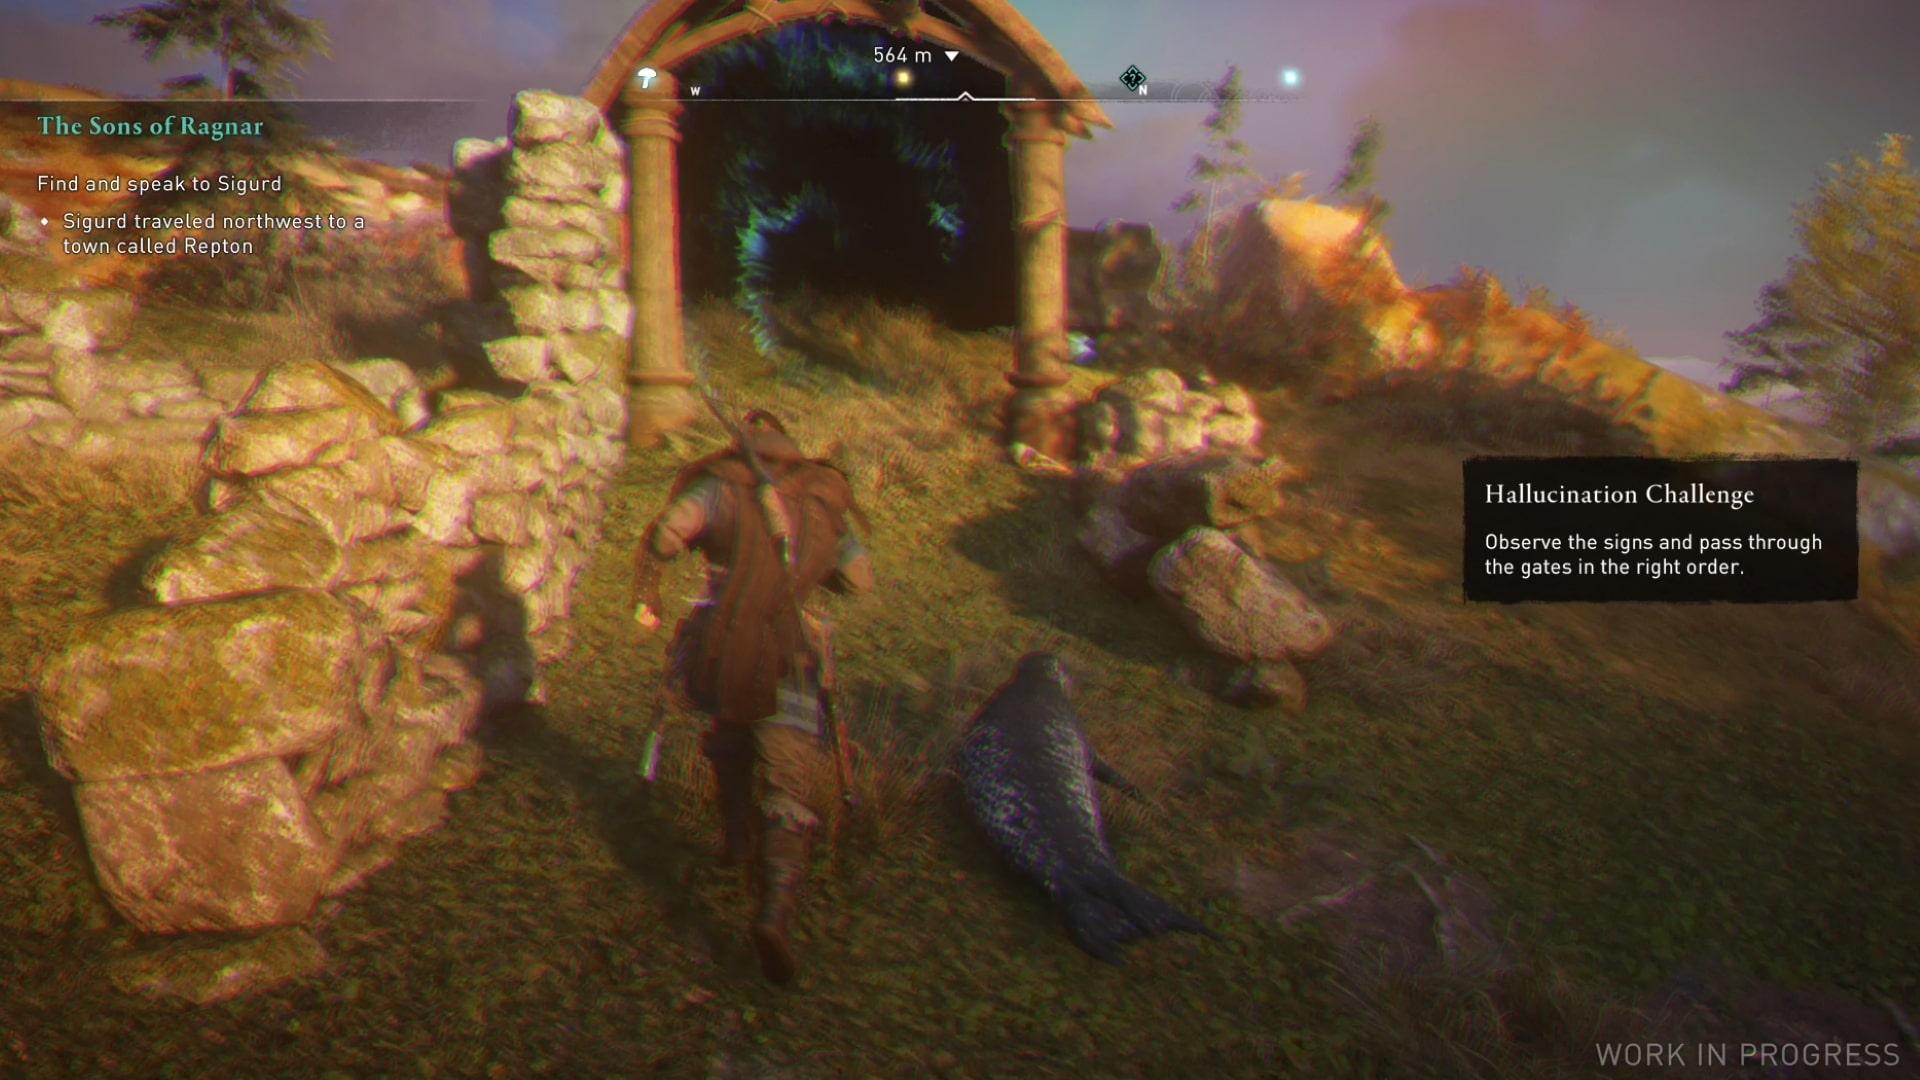 Una captura de pantalla que muestra a Eivor siguiendo un sello hacia una puerta en el extraño desafío alucinatorio.